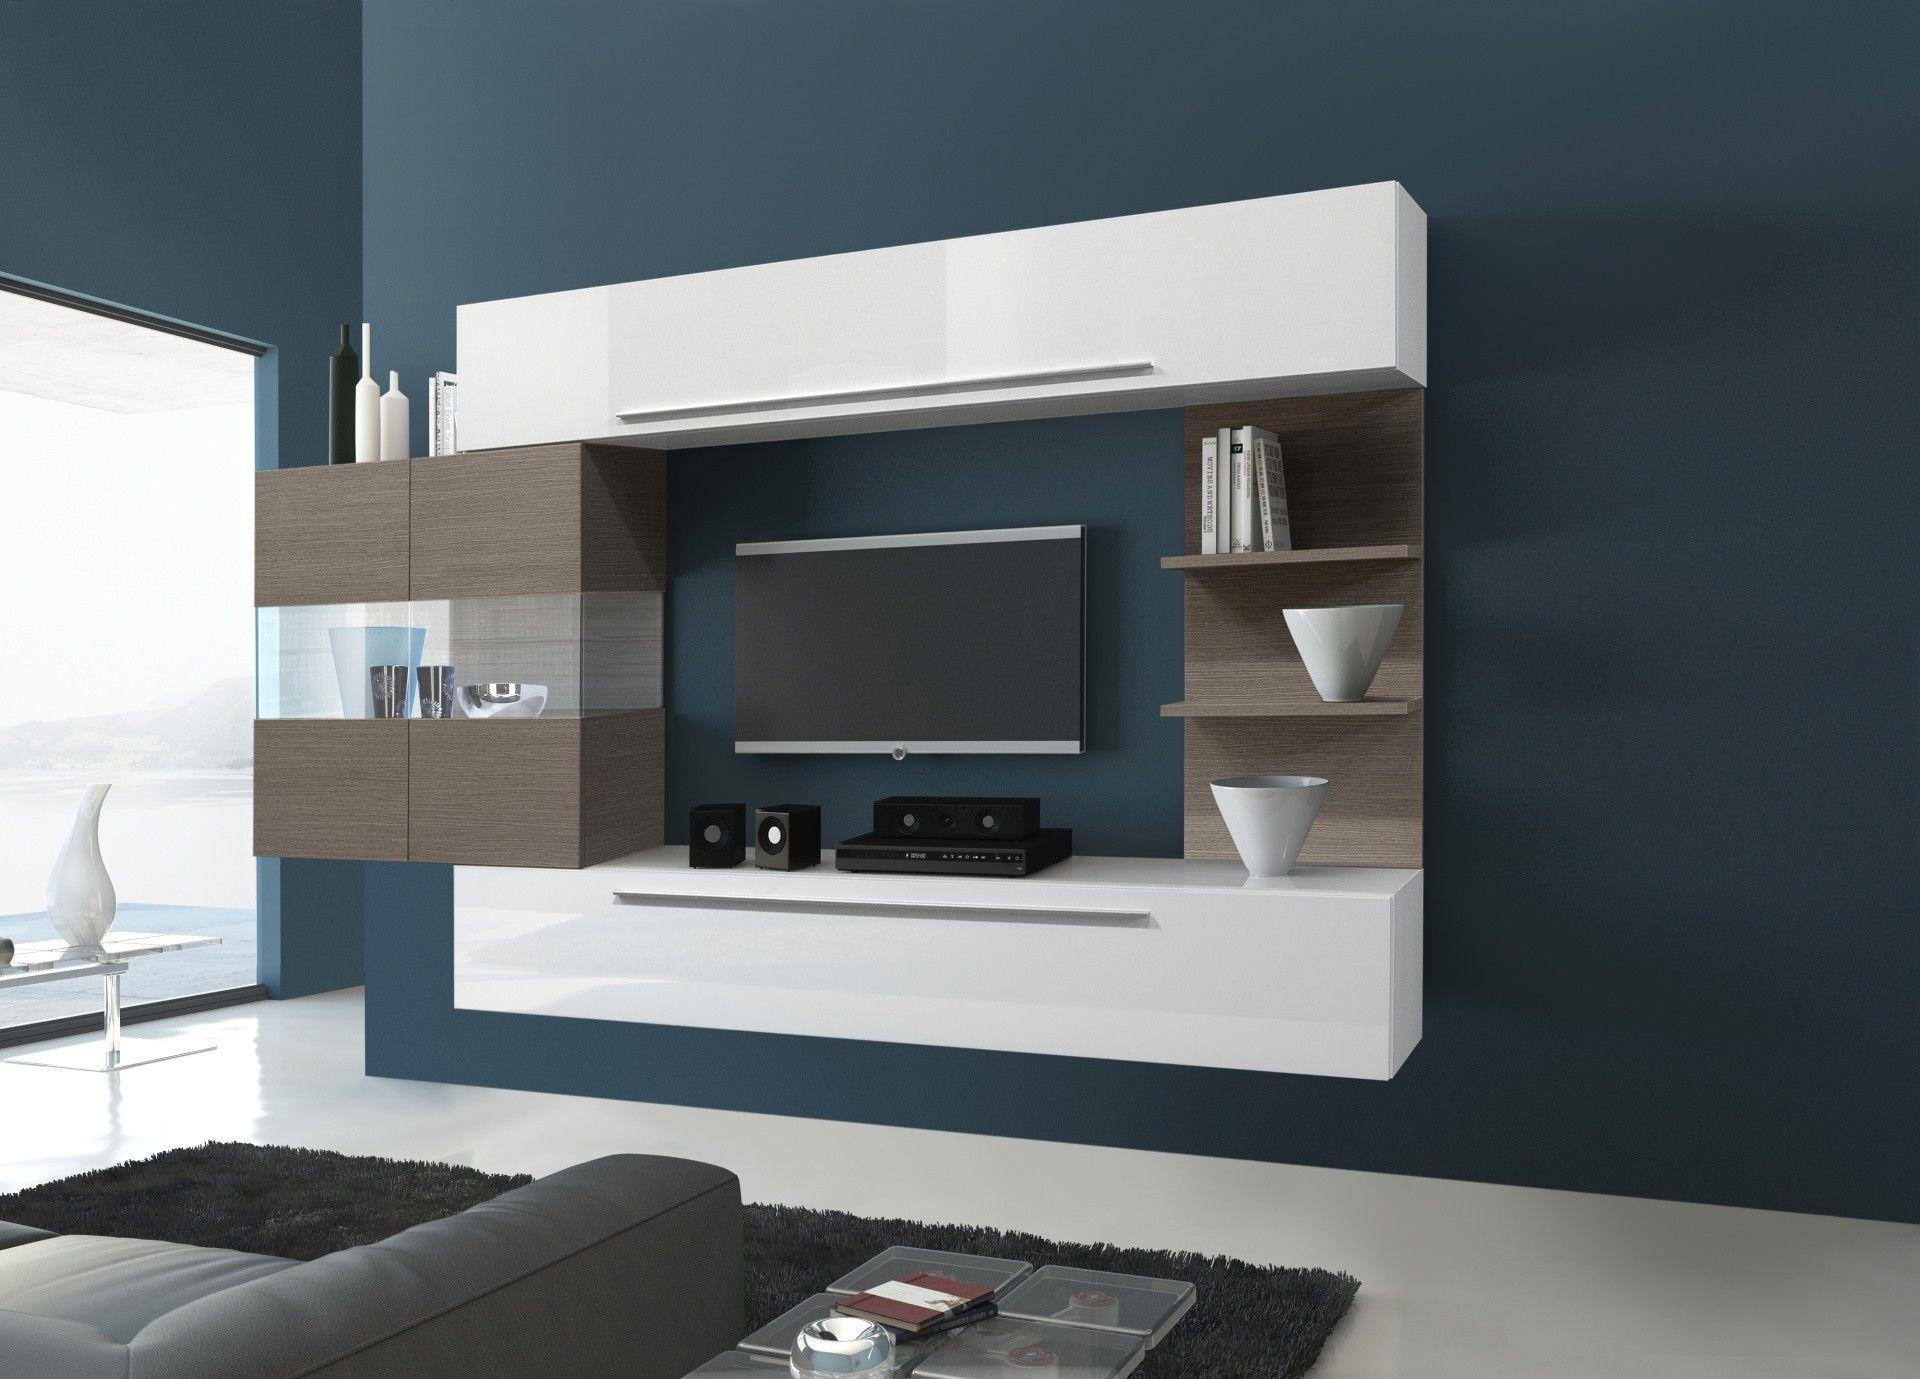 tonnant ensemble meuble tv bois d coration fran aise pinterest ensemble meuble tv meuble. Black Bedroom Furniture Sets. Home Design Ideas